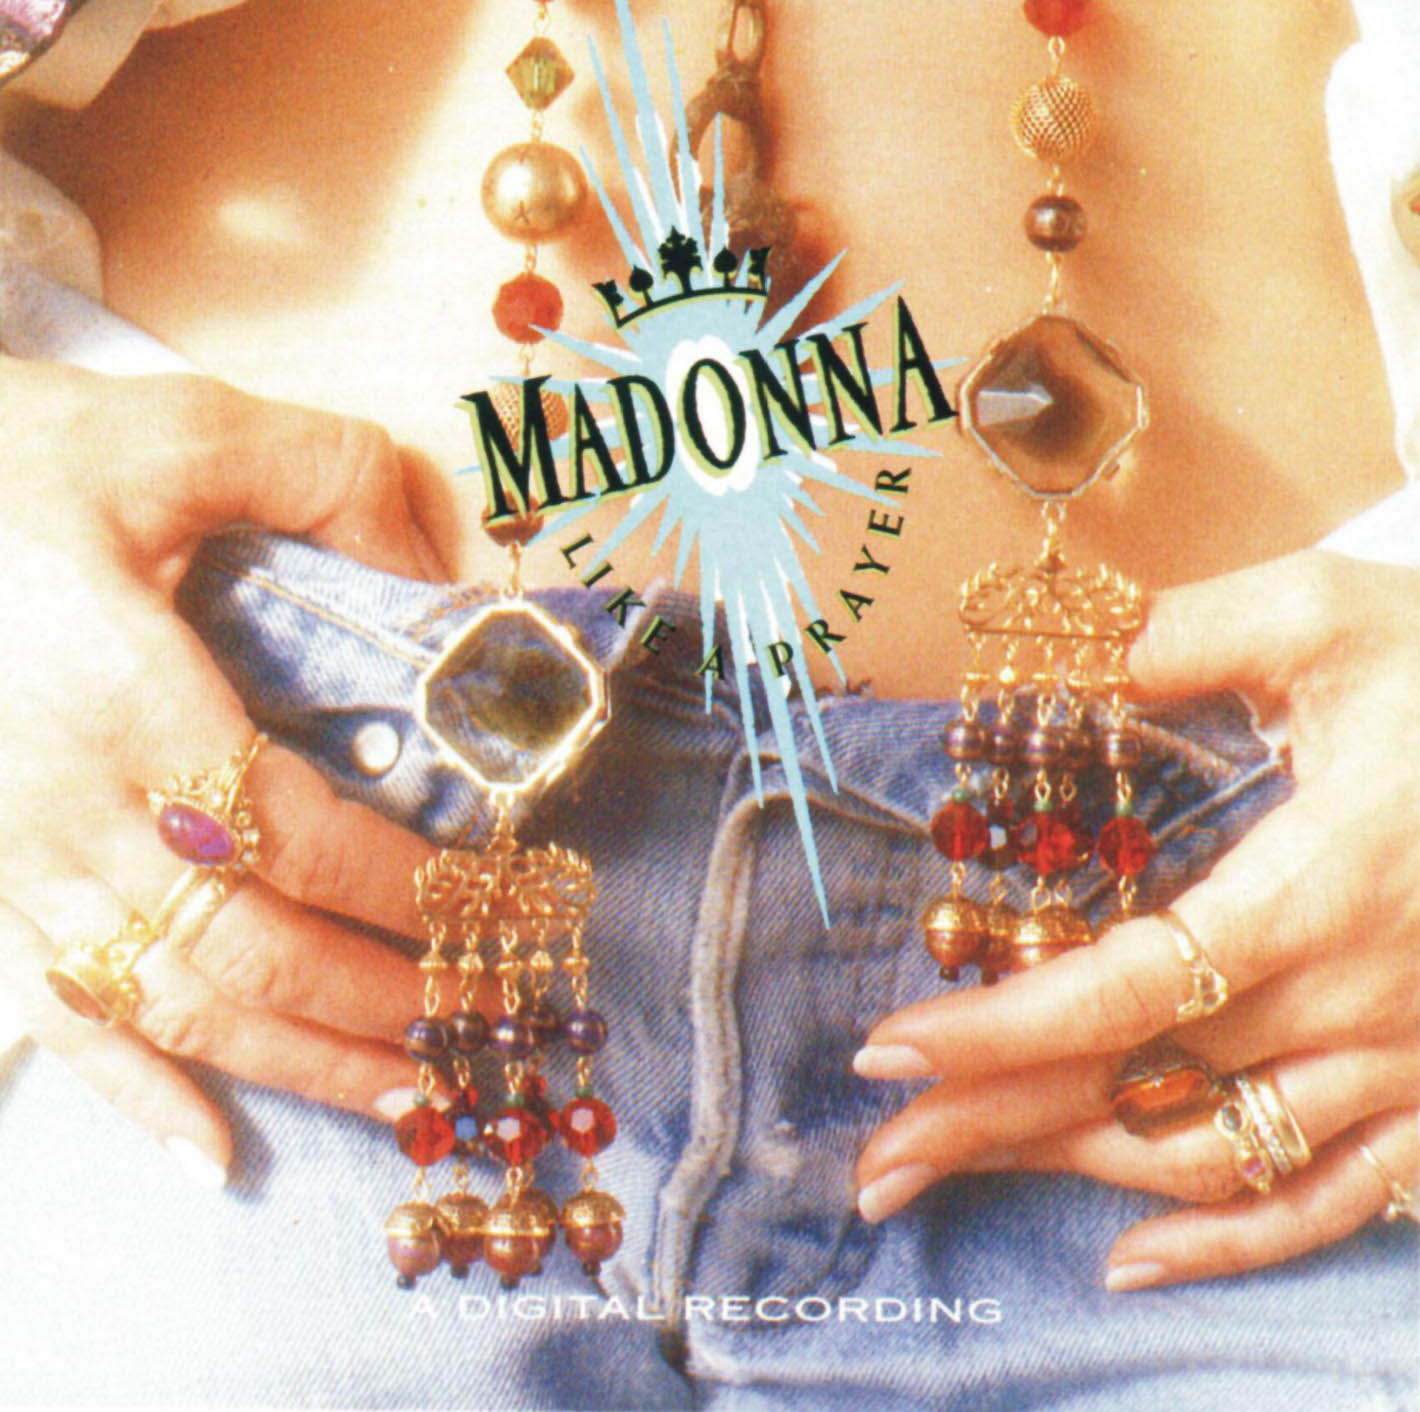 http://3.bp.blogspot.com/-X0KChSsuexk/UREuzsW3pJI/AAAAAAAAIWU/W4fnzH2djlE/s1600/Madonna-Like_a_Prayer-Frontal.jpg